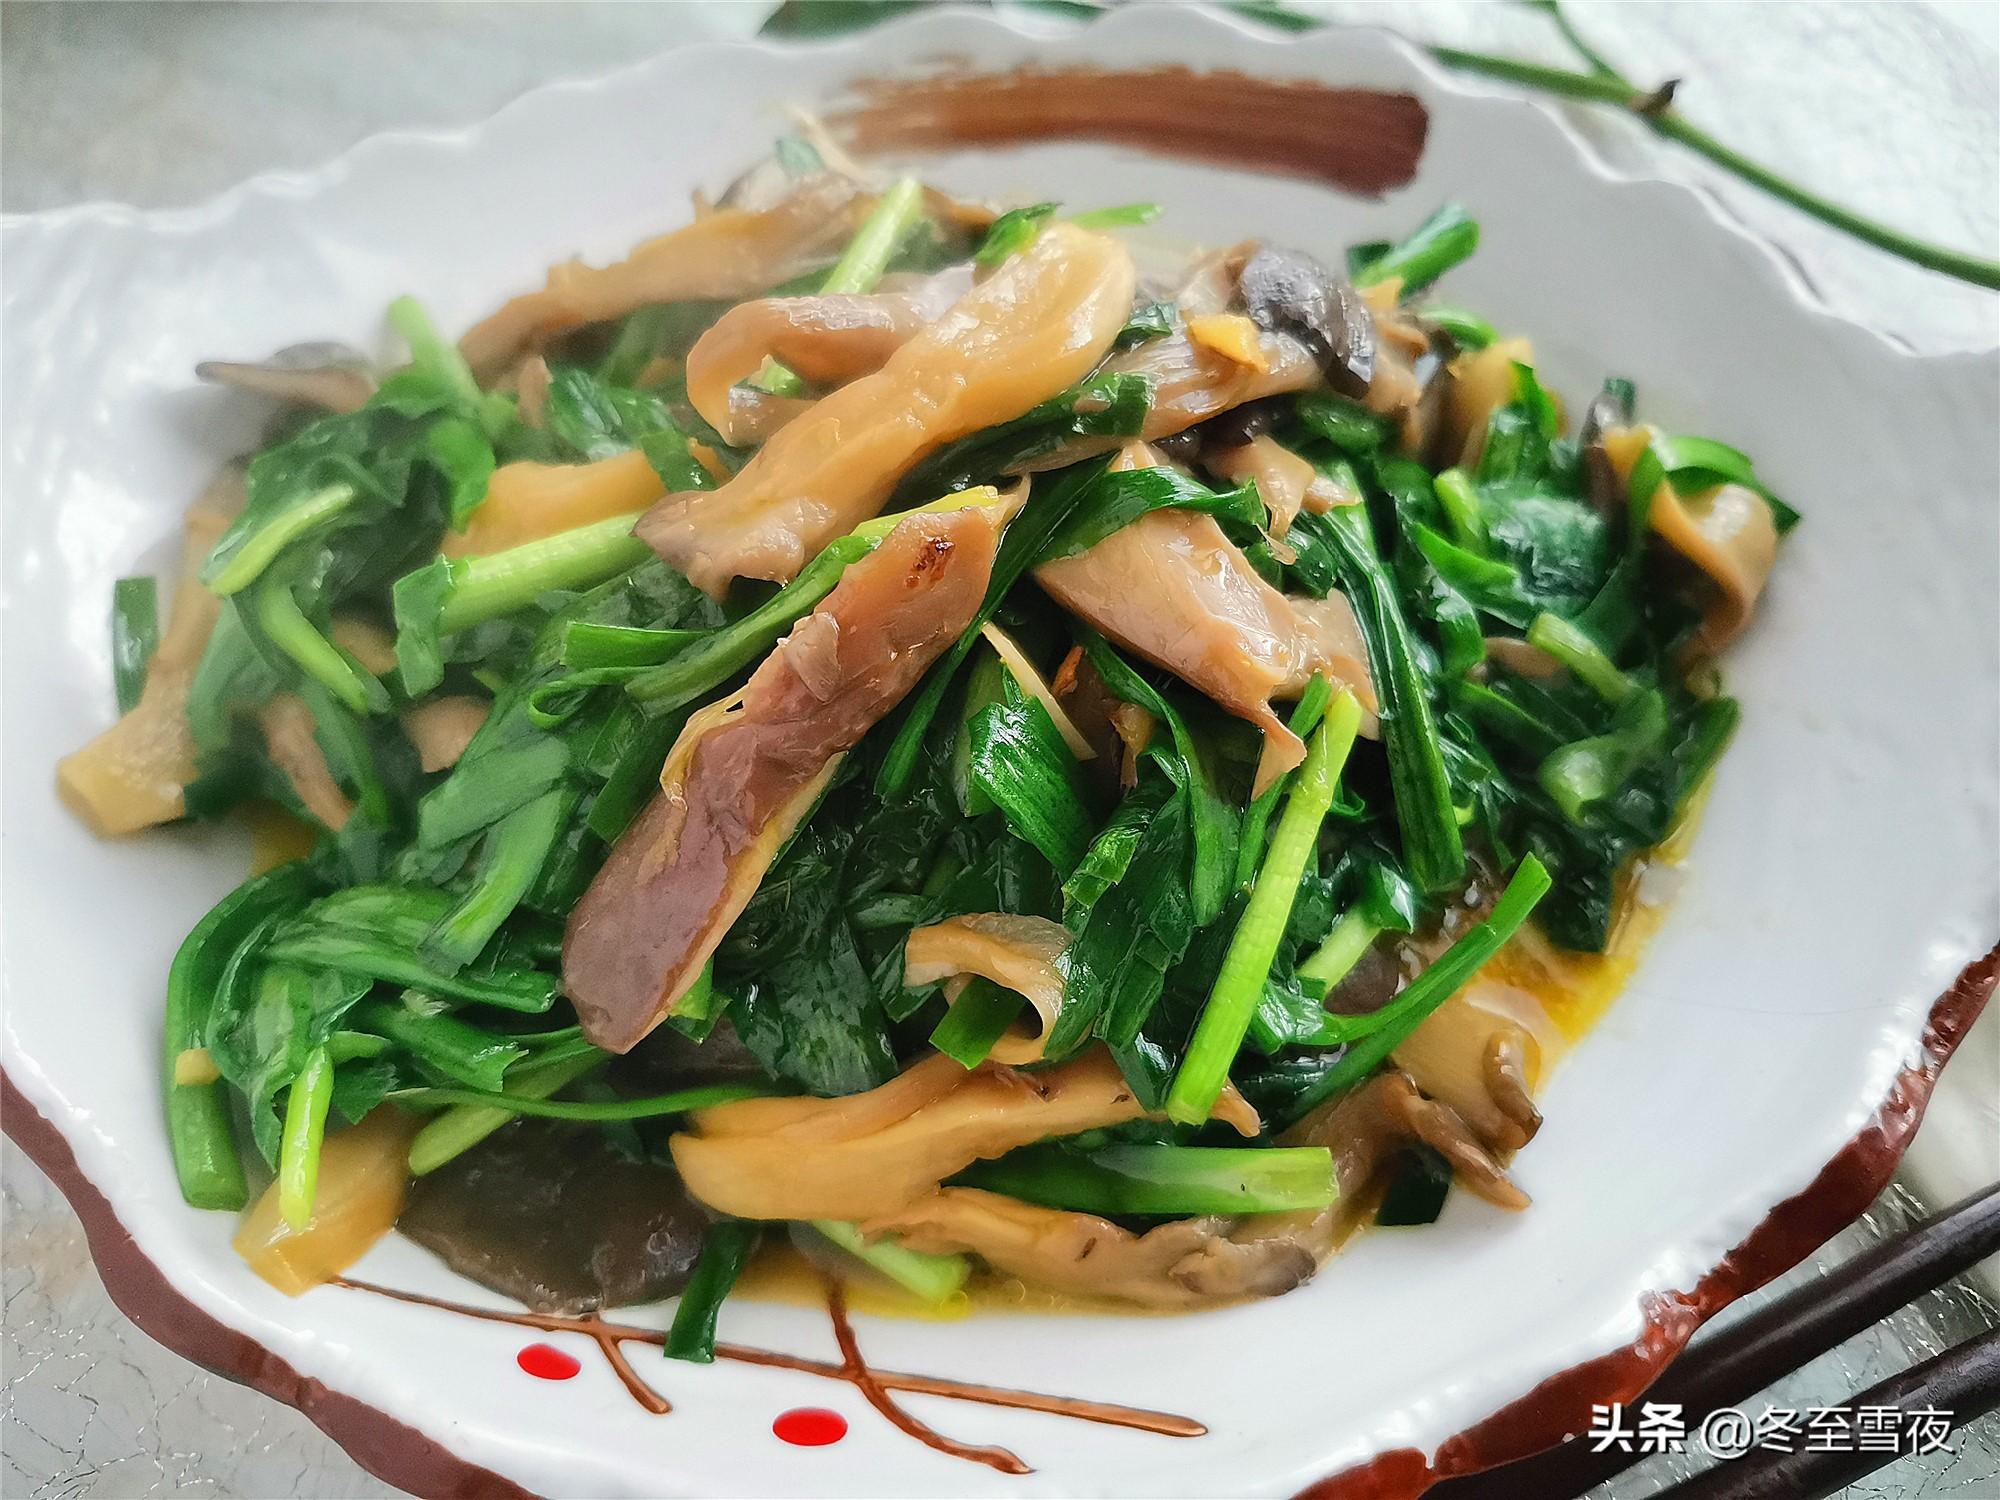 12道韭菜的做法,鲜香味美,鲜味十足 美食做法 第2张